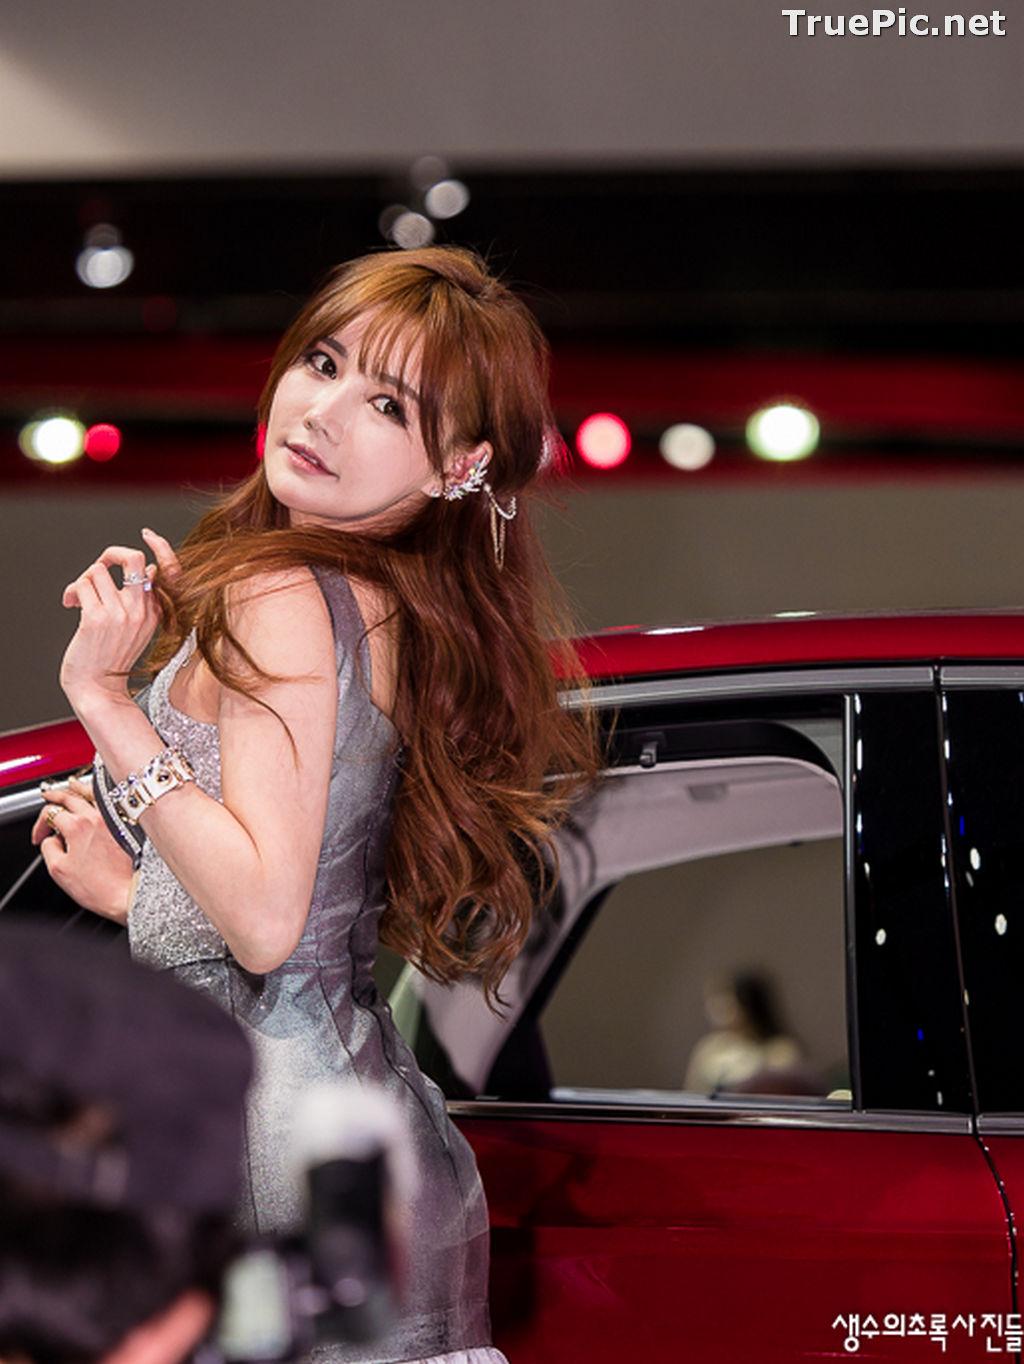 Image Best Beautiful Images Of Korean Racing Queen Han Ga Eun #3 - TruePic.net - Picture-2